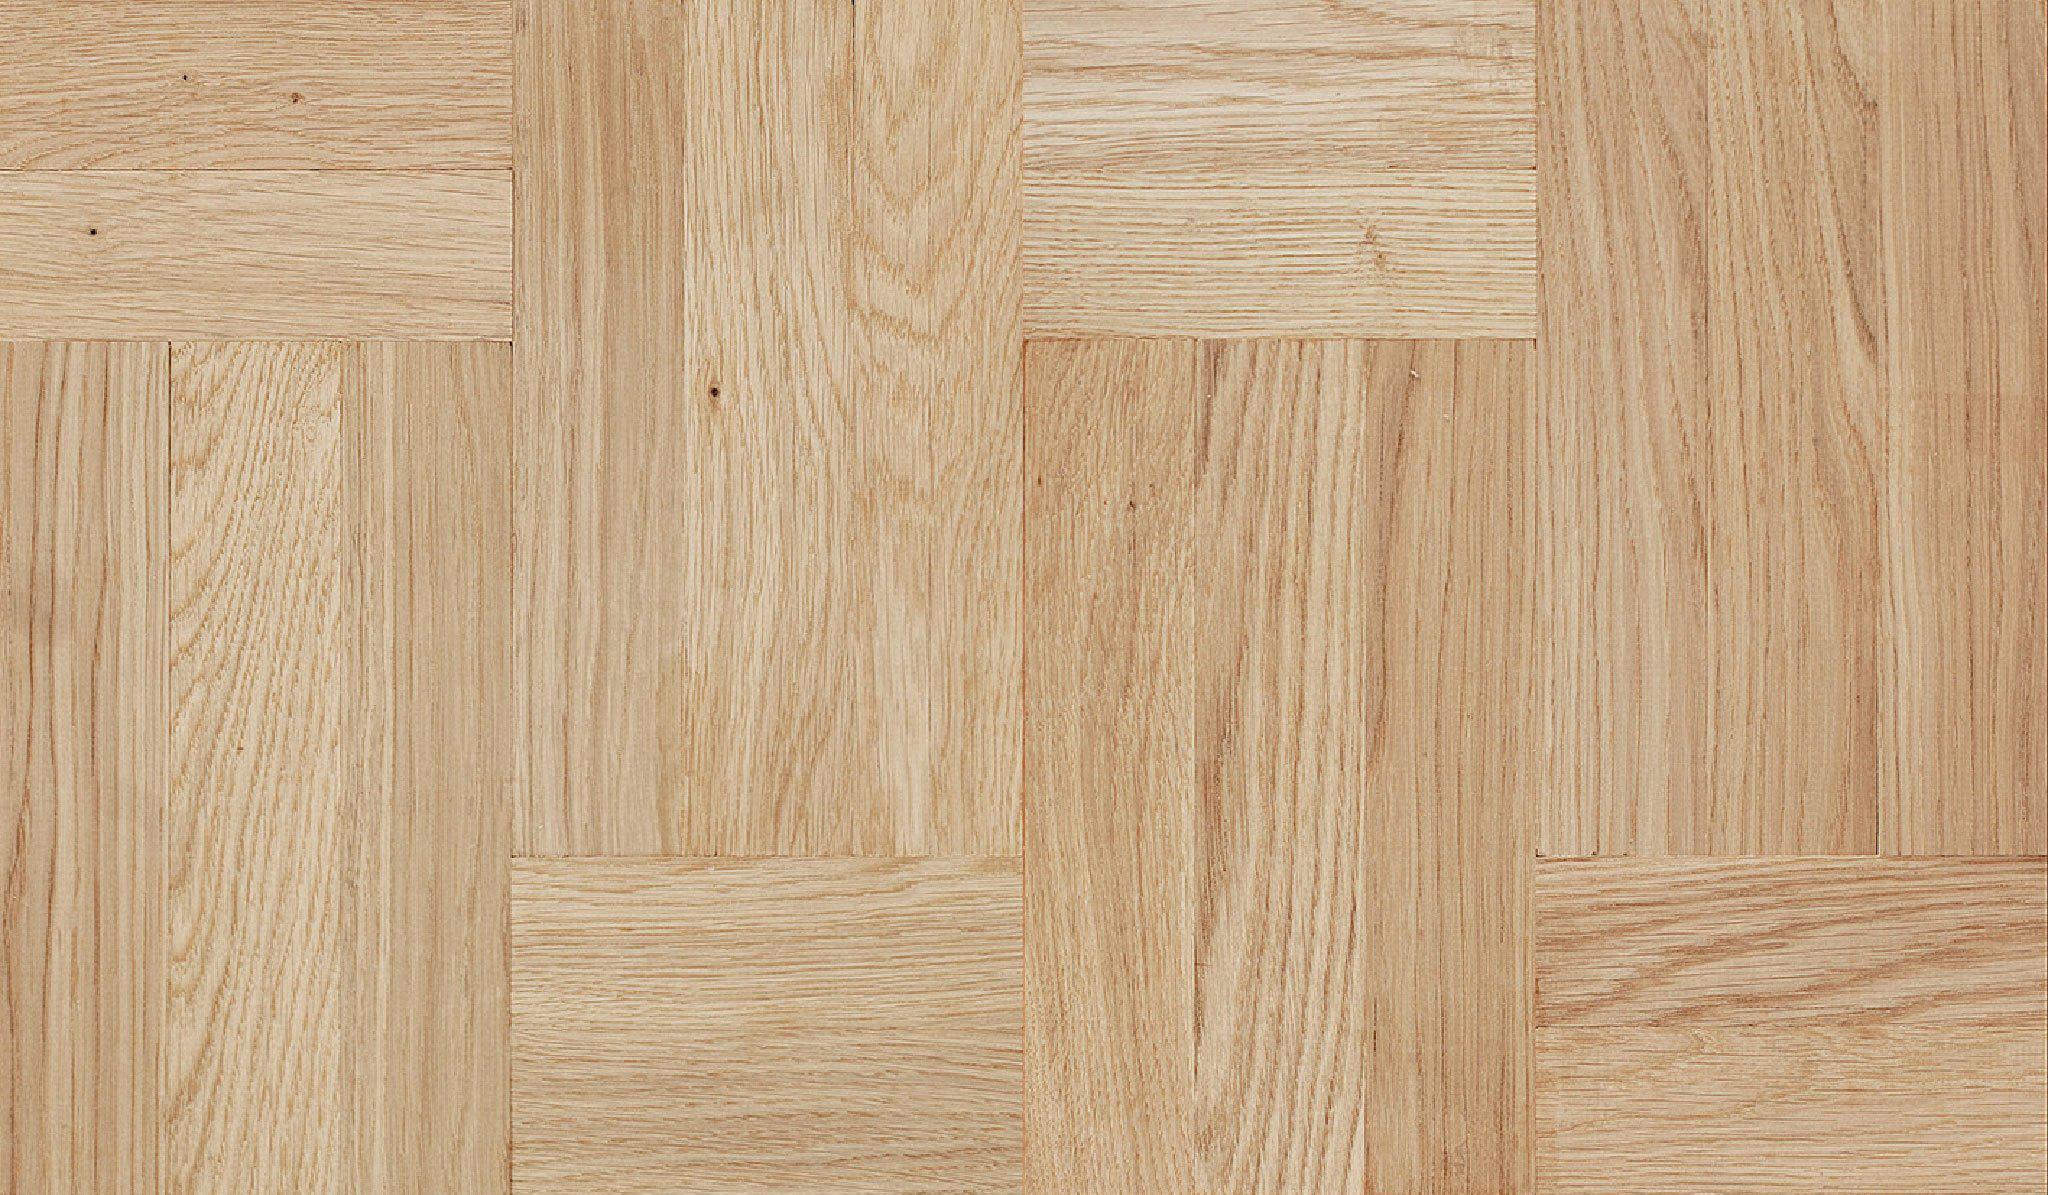 Designparquet oak bologna rustic 10mm